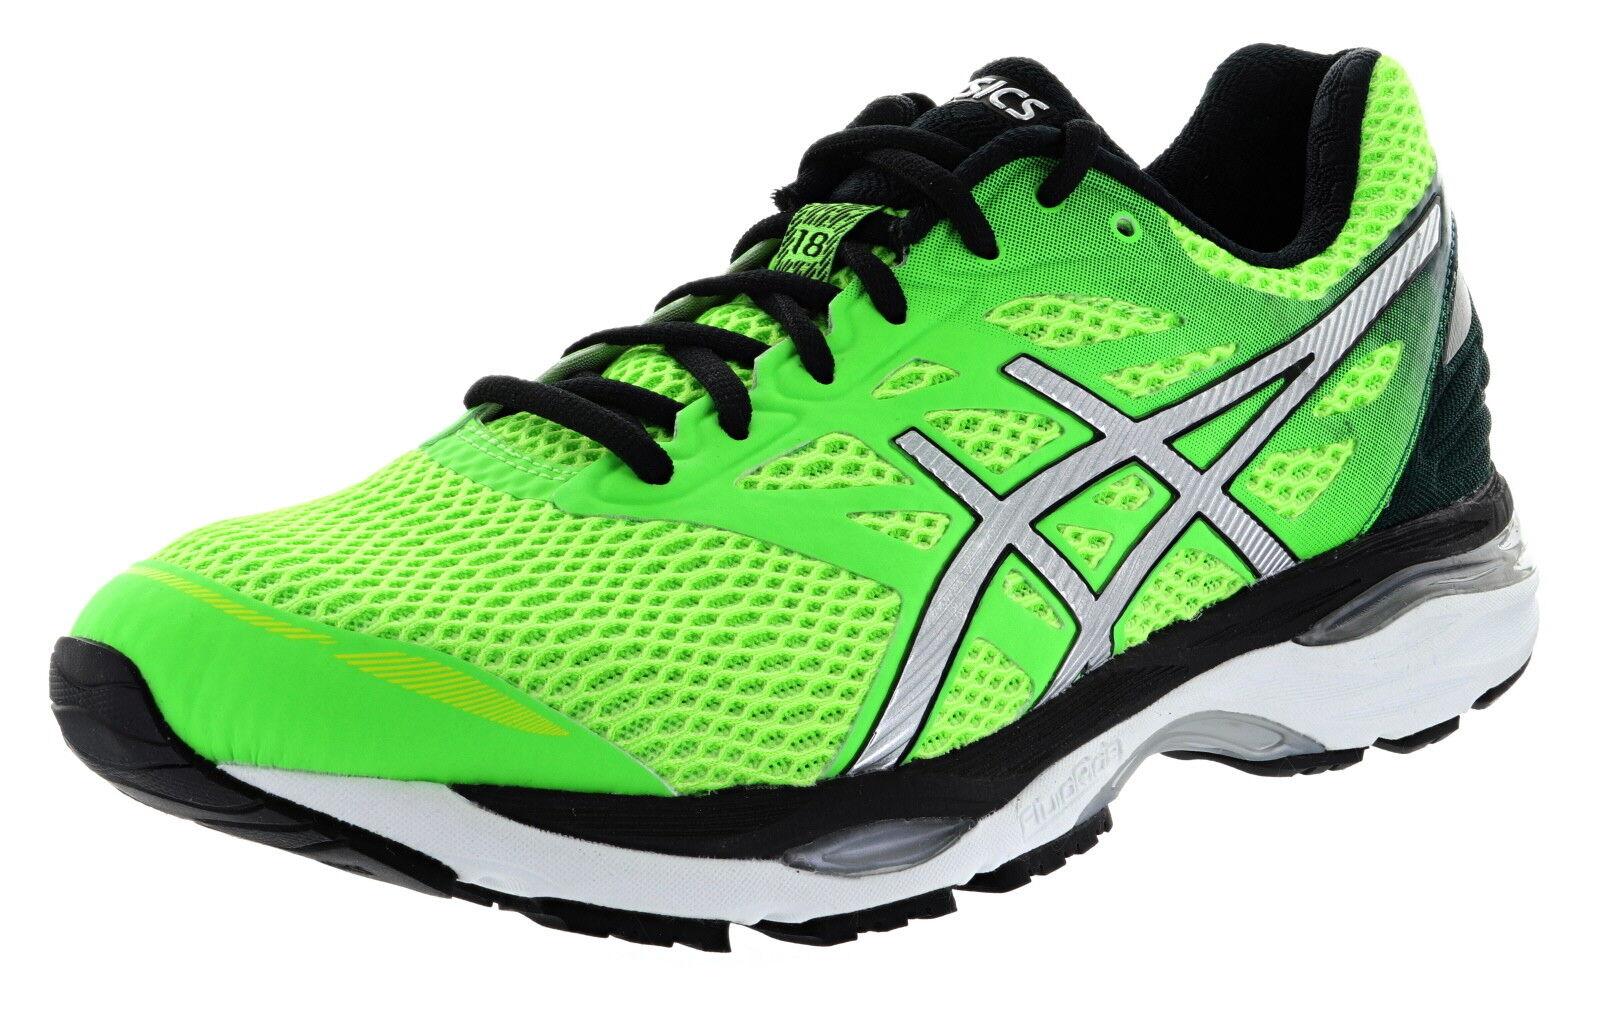 Asics Gel-Cumulus 18 Mens Medium Width Athletic Running Shoes T6C3N-8593